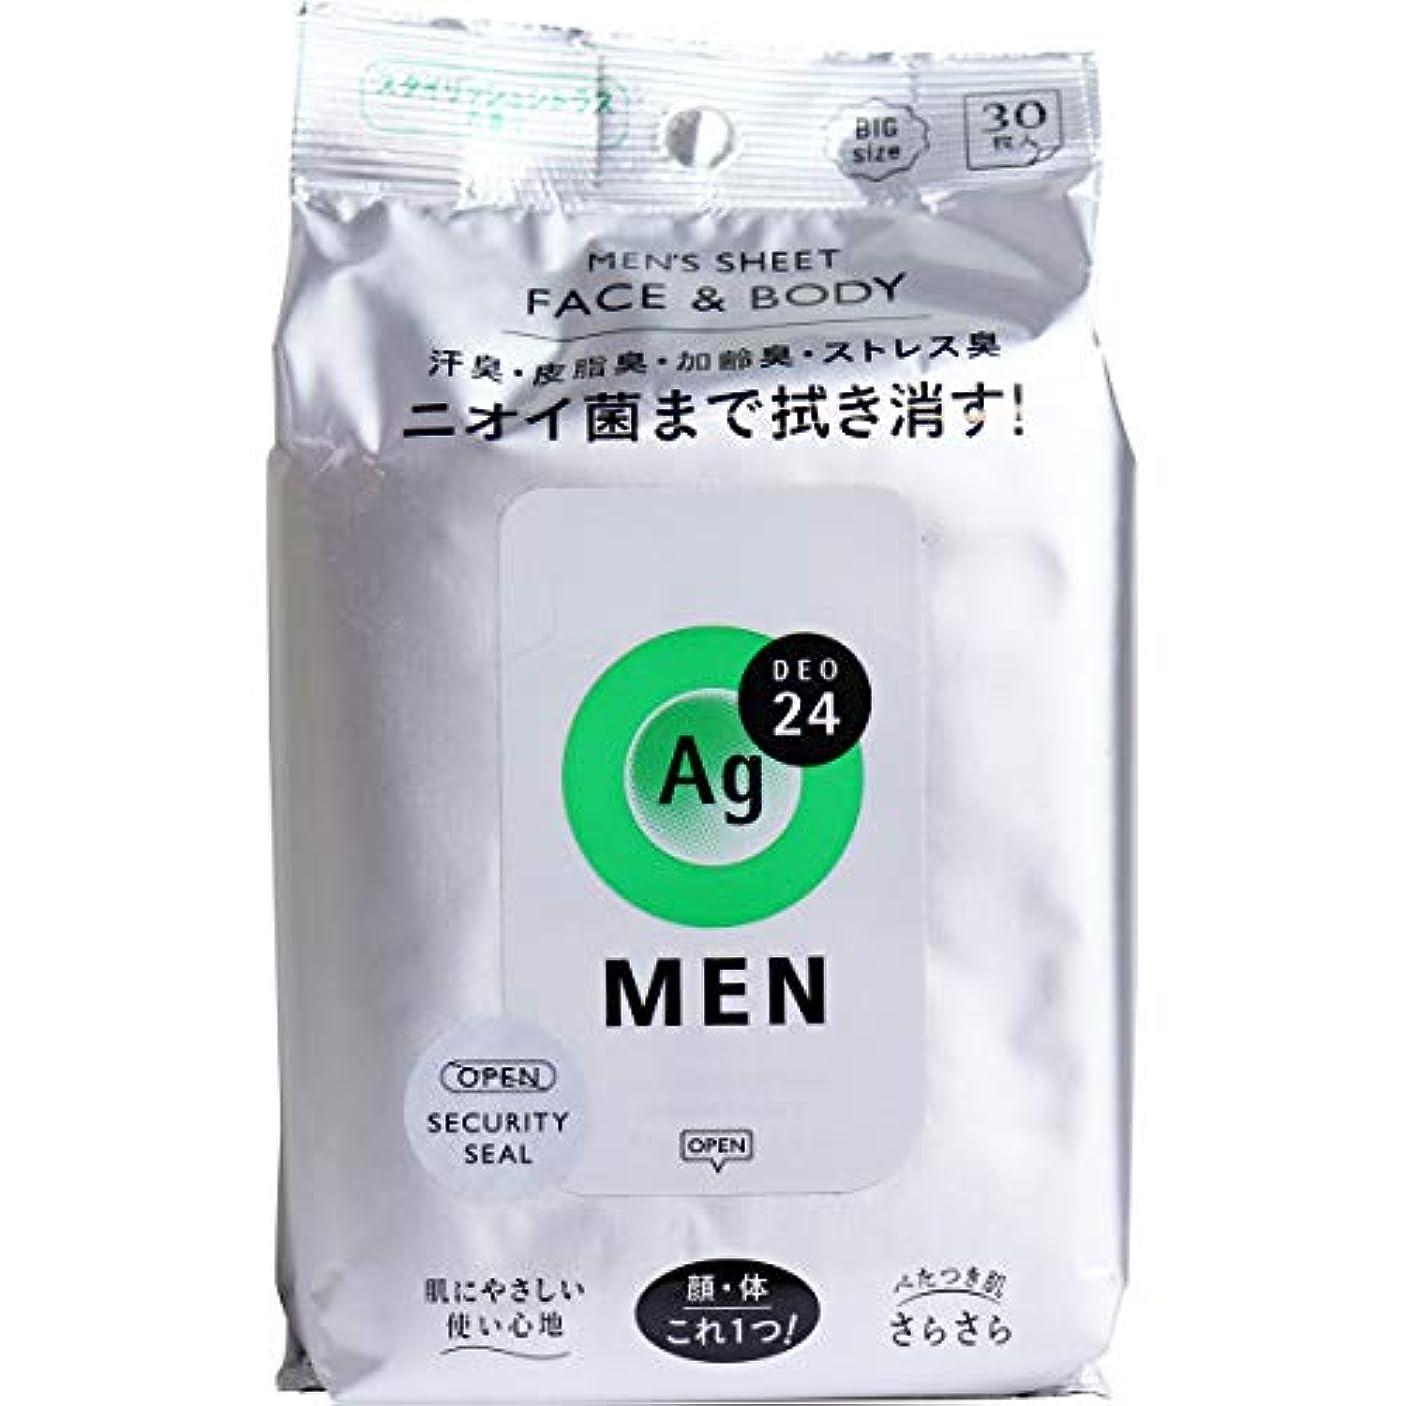 フルーツ野菜配管アシュリータファーマンエージー24メン メンズシート フェイス&ボディ(シトラス)30枚 (4)